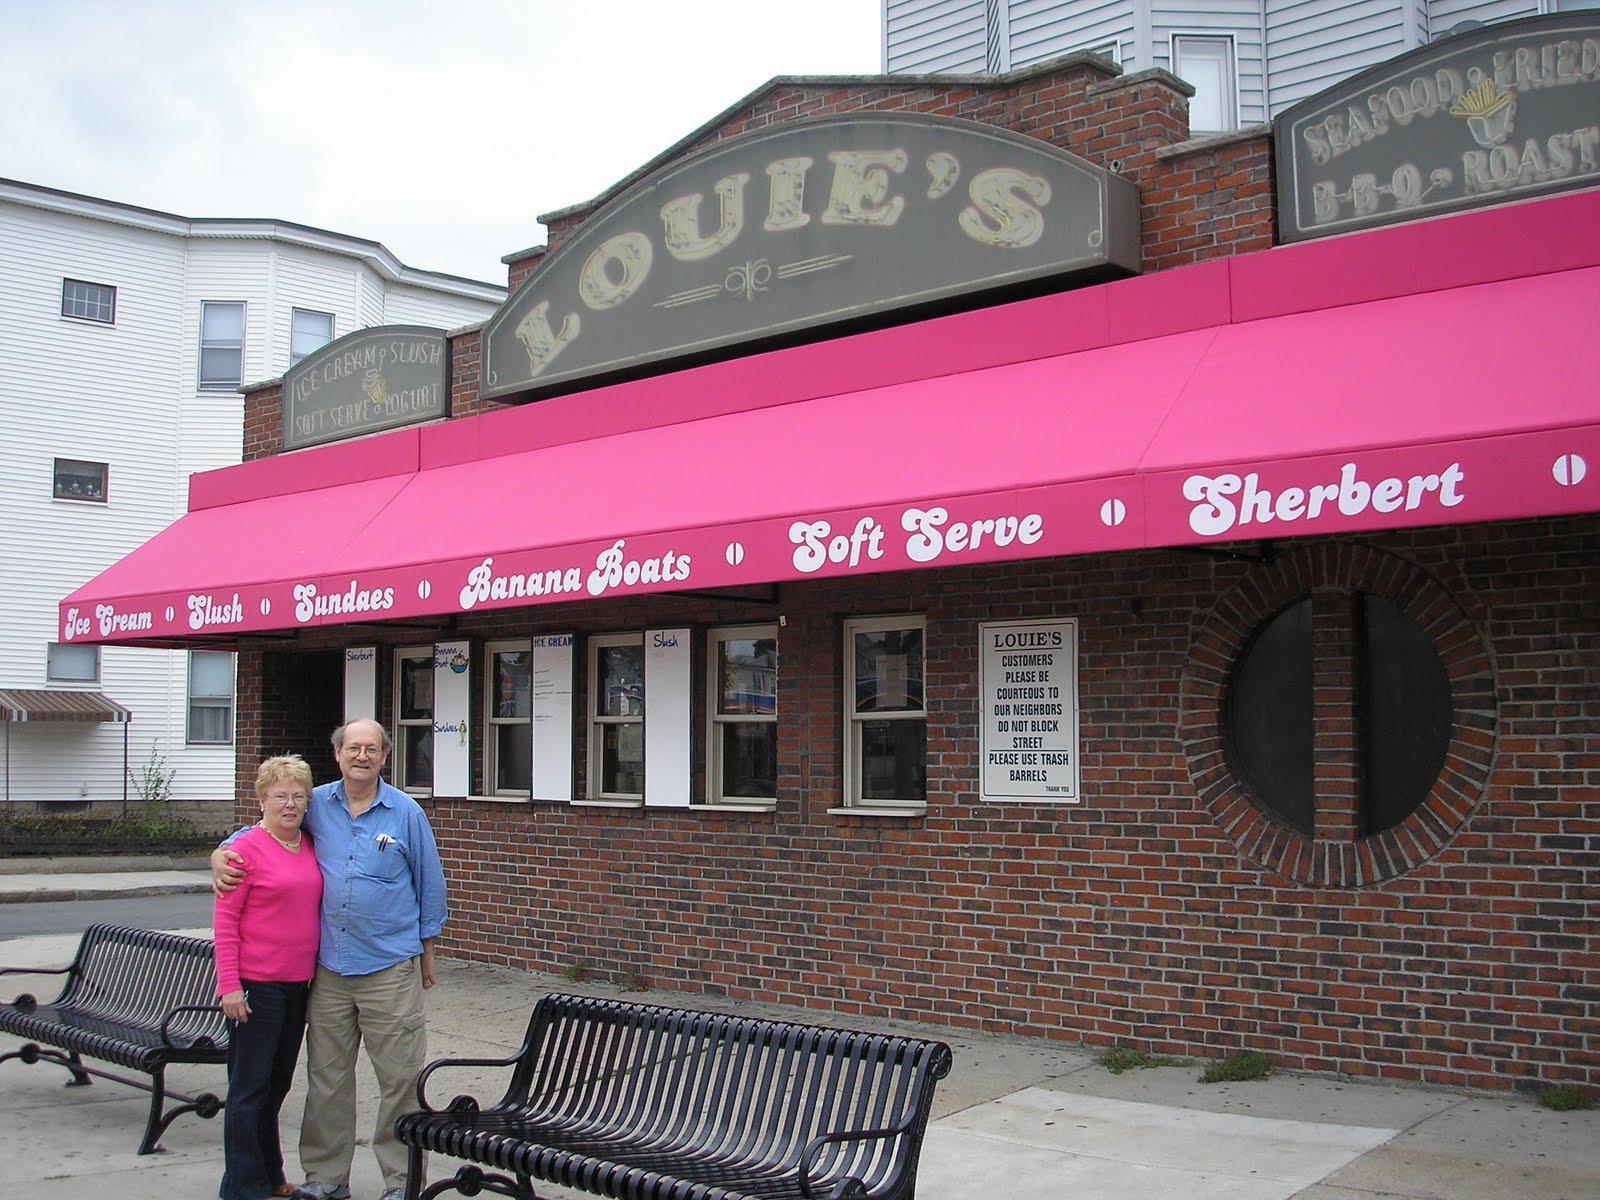 Louie's Ice Cream